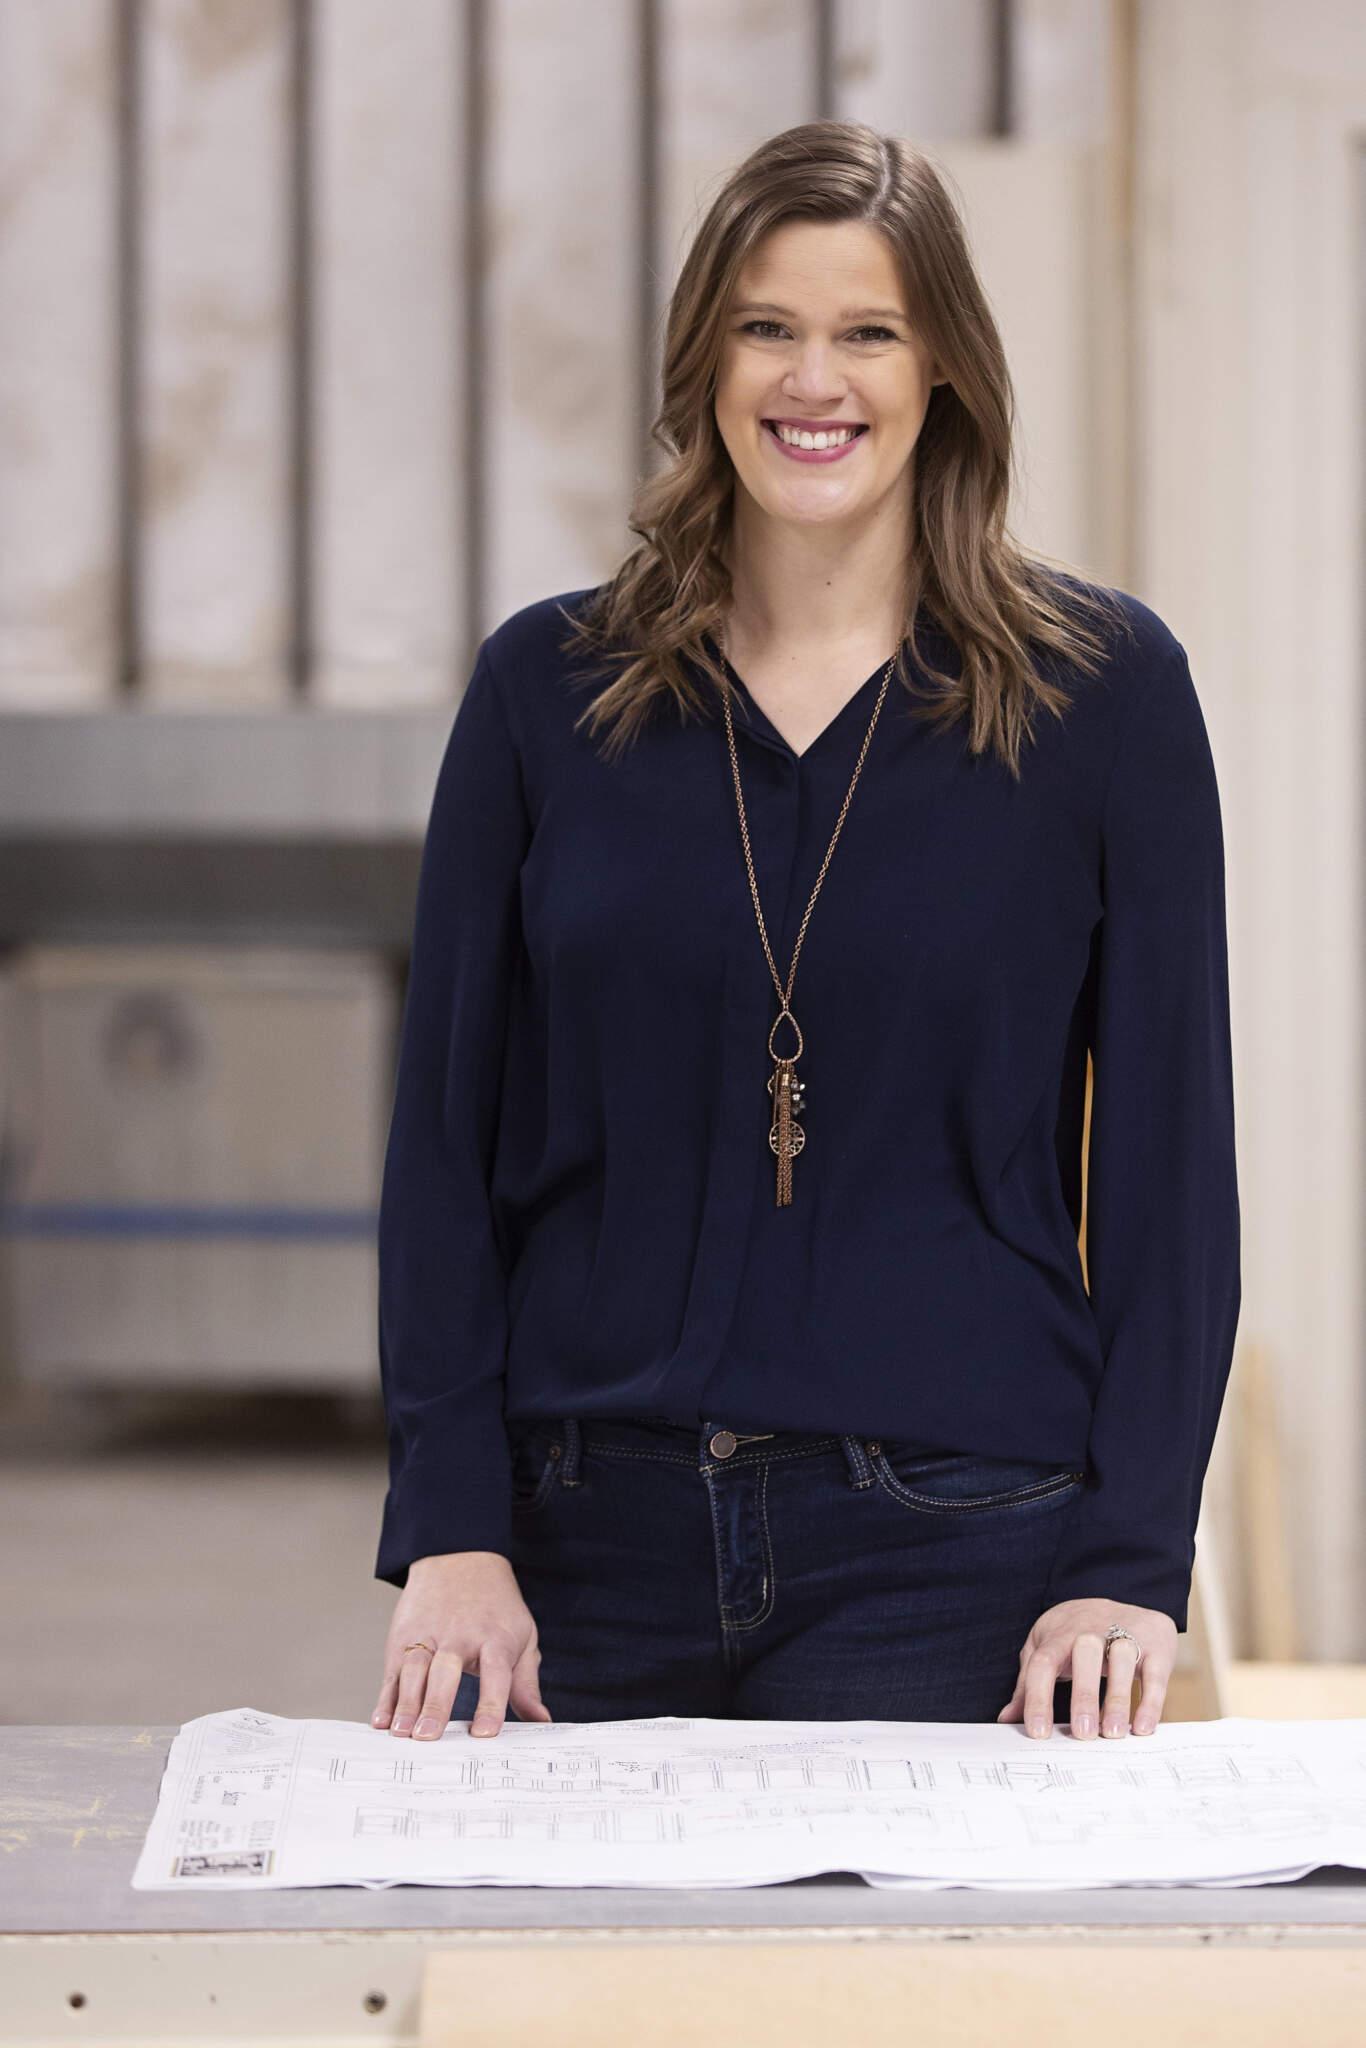 Jill Berglund